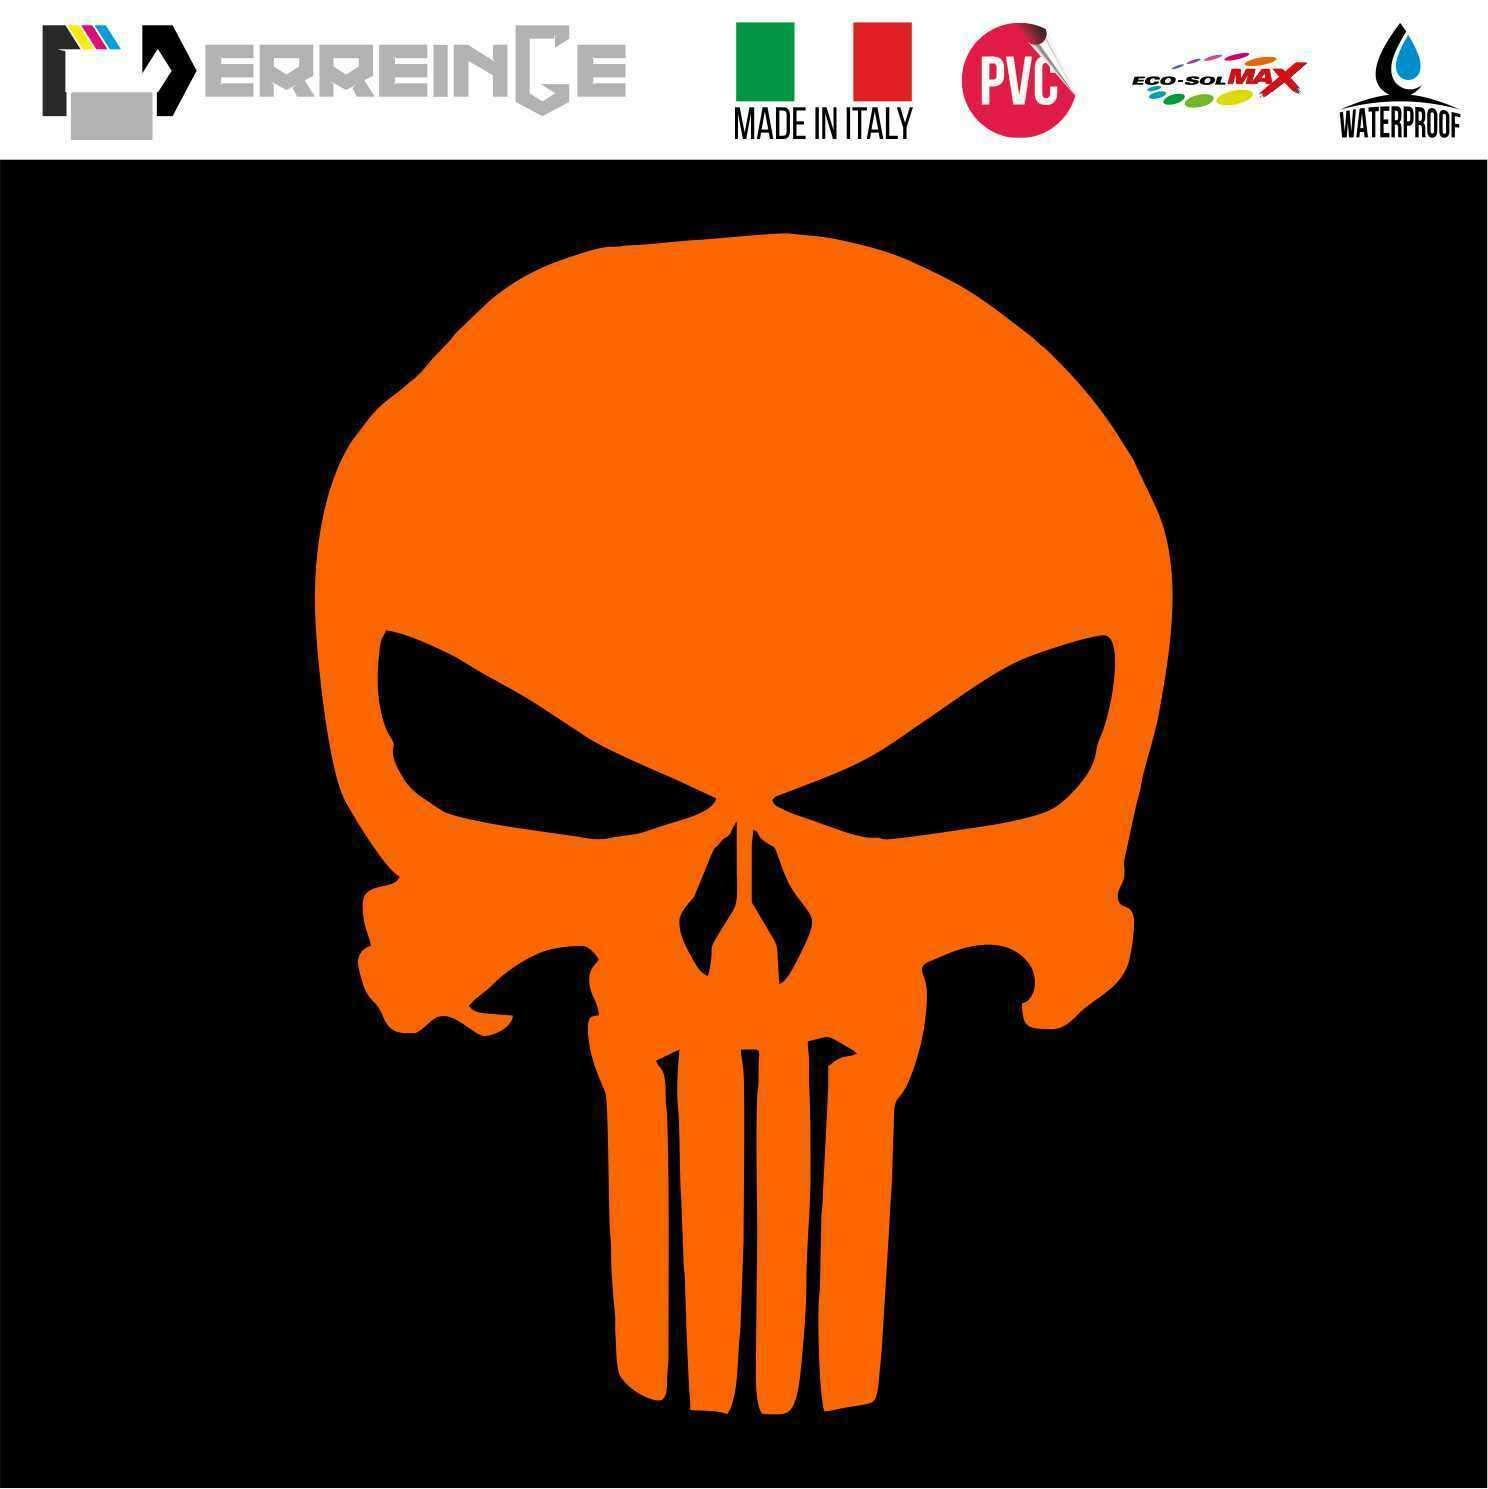 Adesivo Decal Decalcolmania Vinile Murale Laptop Auto Moto Casco Camper ERREINGE STICKER PRESPAZIATO BIANCO 15cm Punisher Teschio Skull